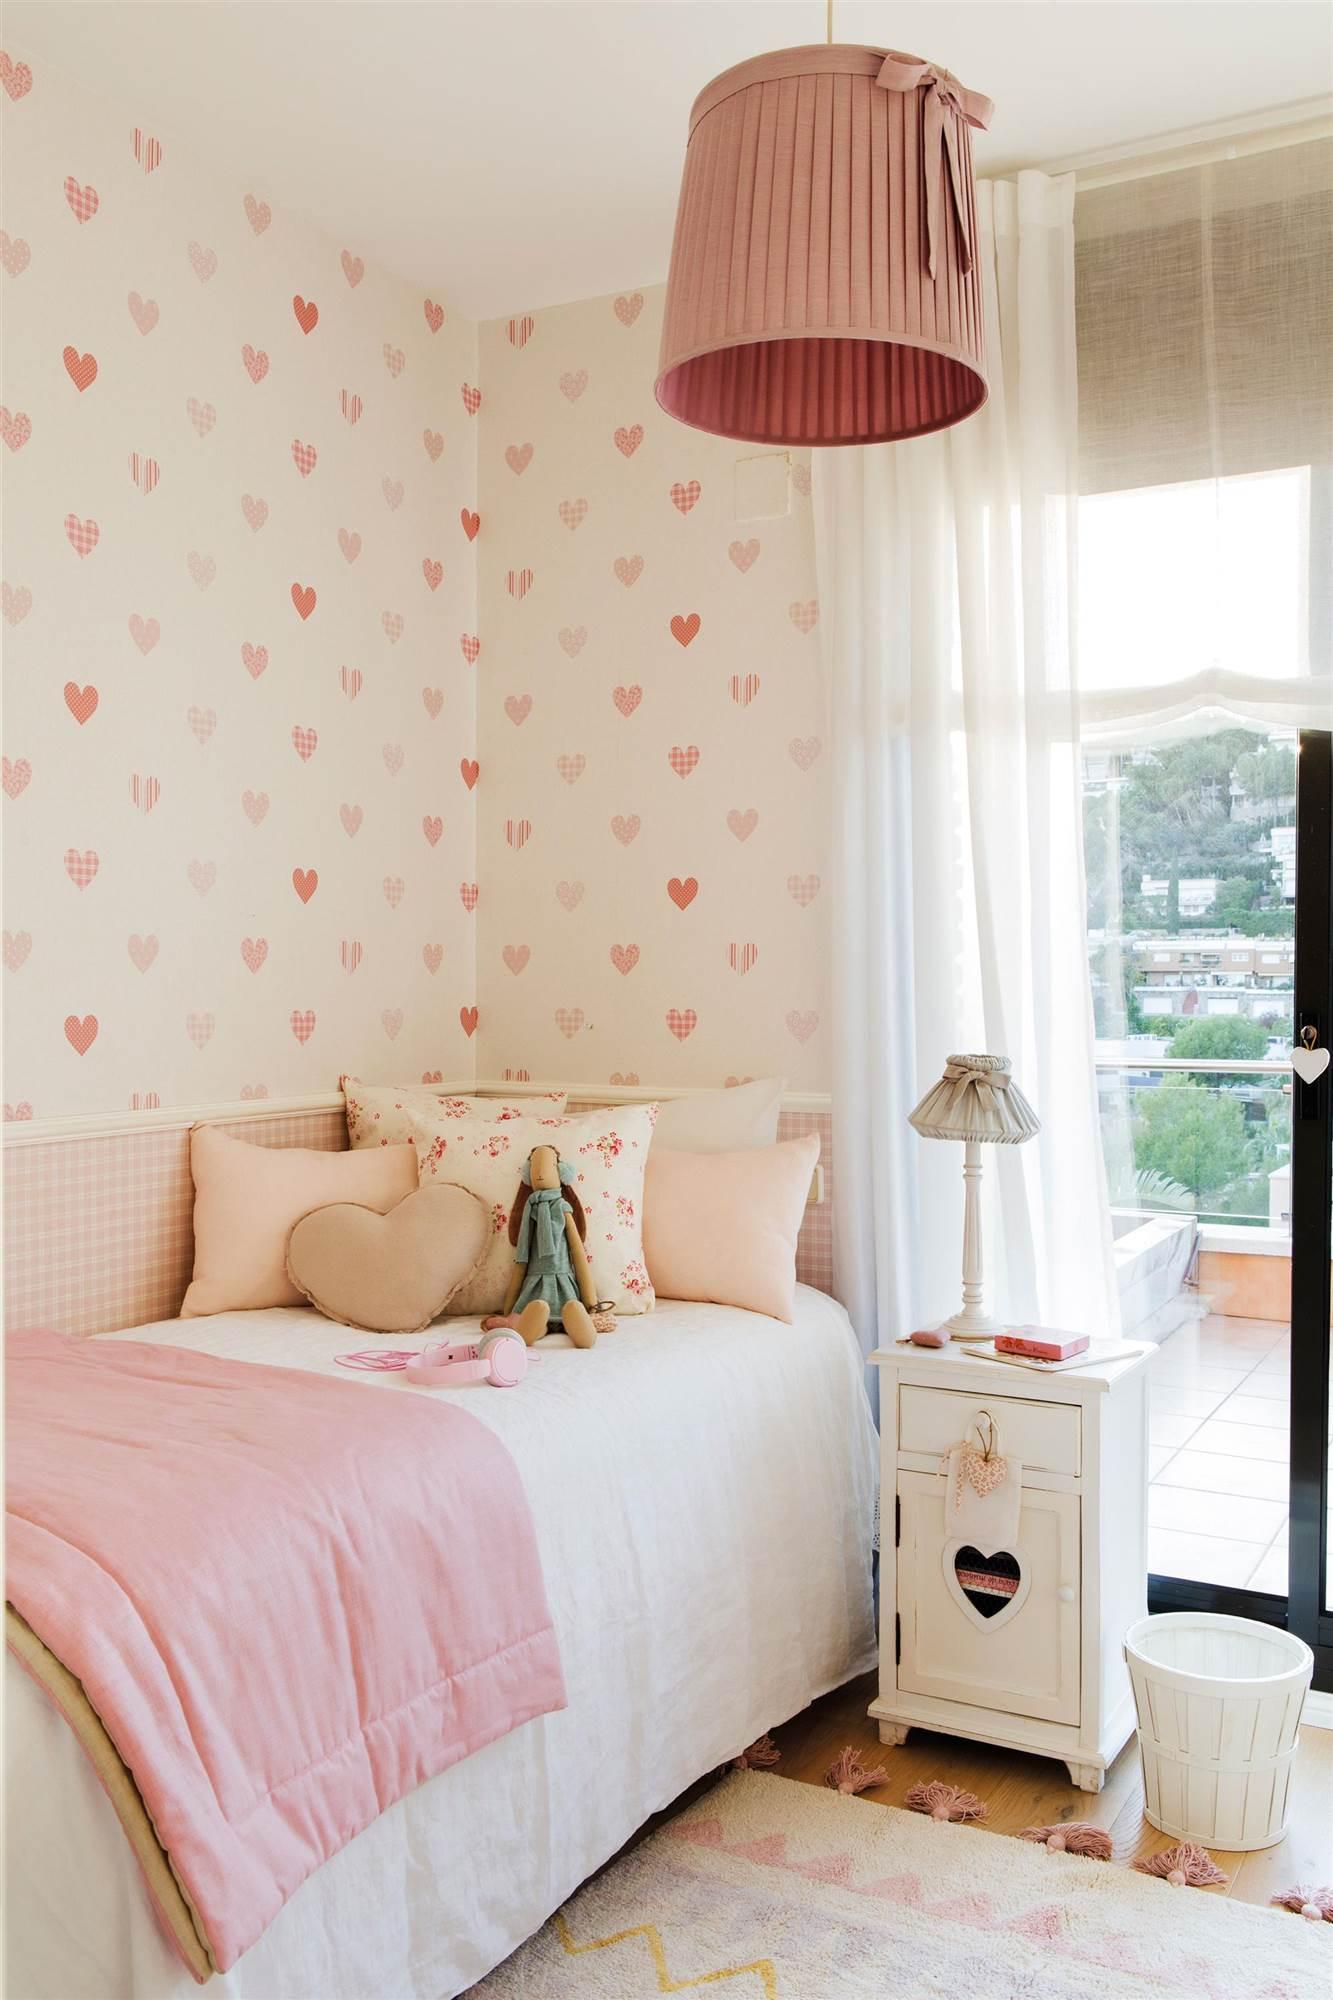 Pintura o papel pintado qu es mejor y pros y contras para elegir - El mueble habitaciones infantiles ...